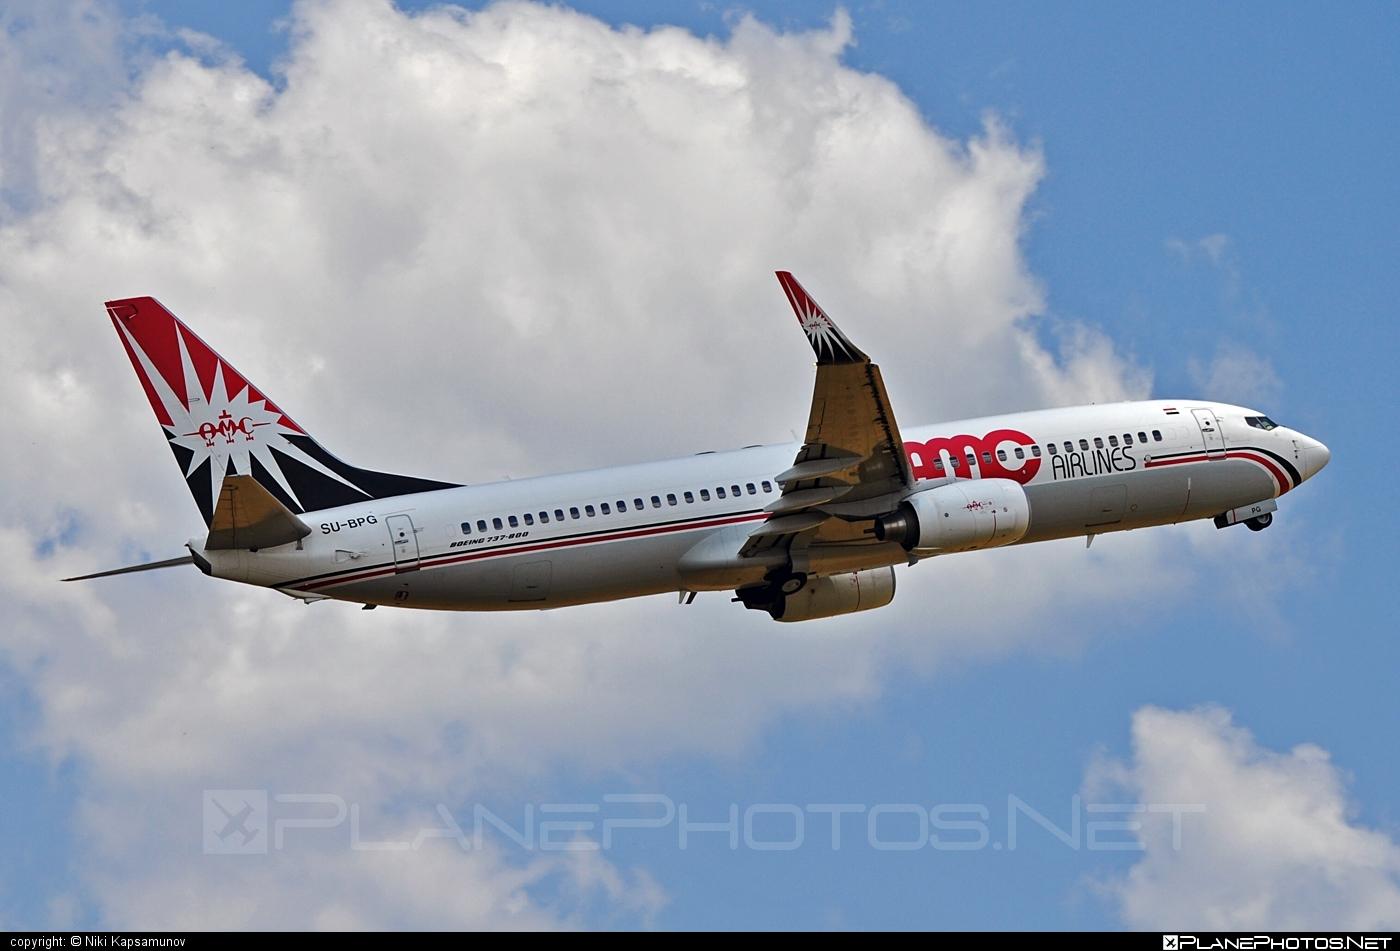 Boeing 737-800 - SU-BPG operated by AMC Airlines #amcairlines #b737 #b737nextgen #b737ng #boeing #boeing737